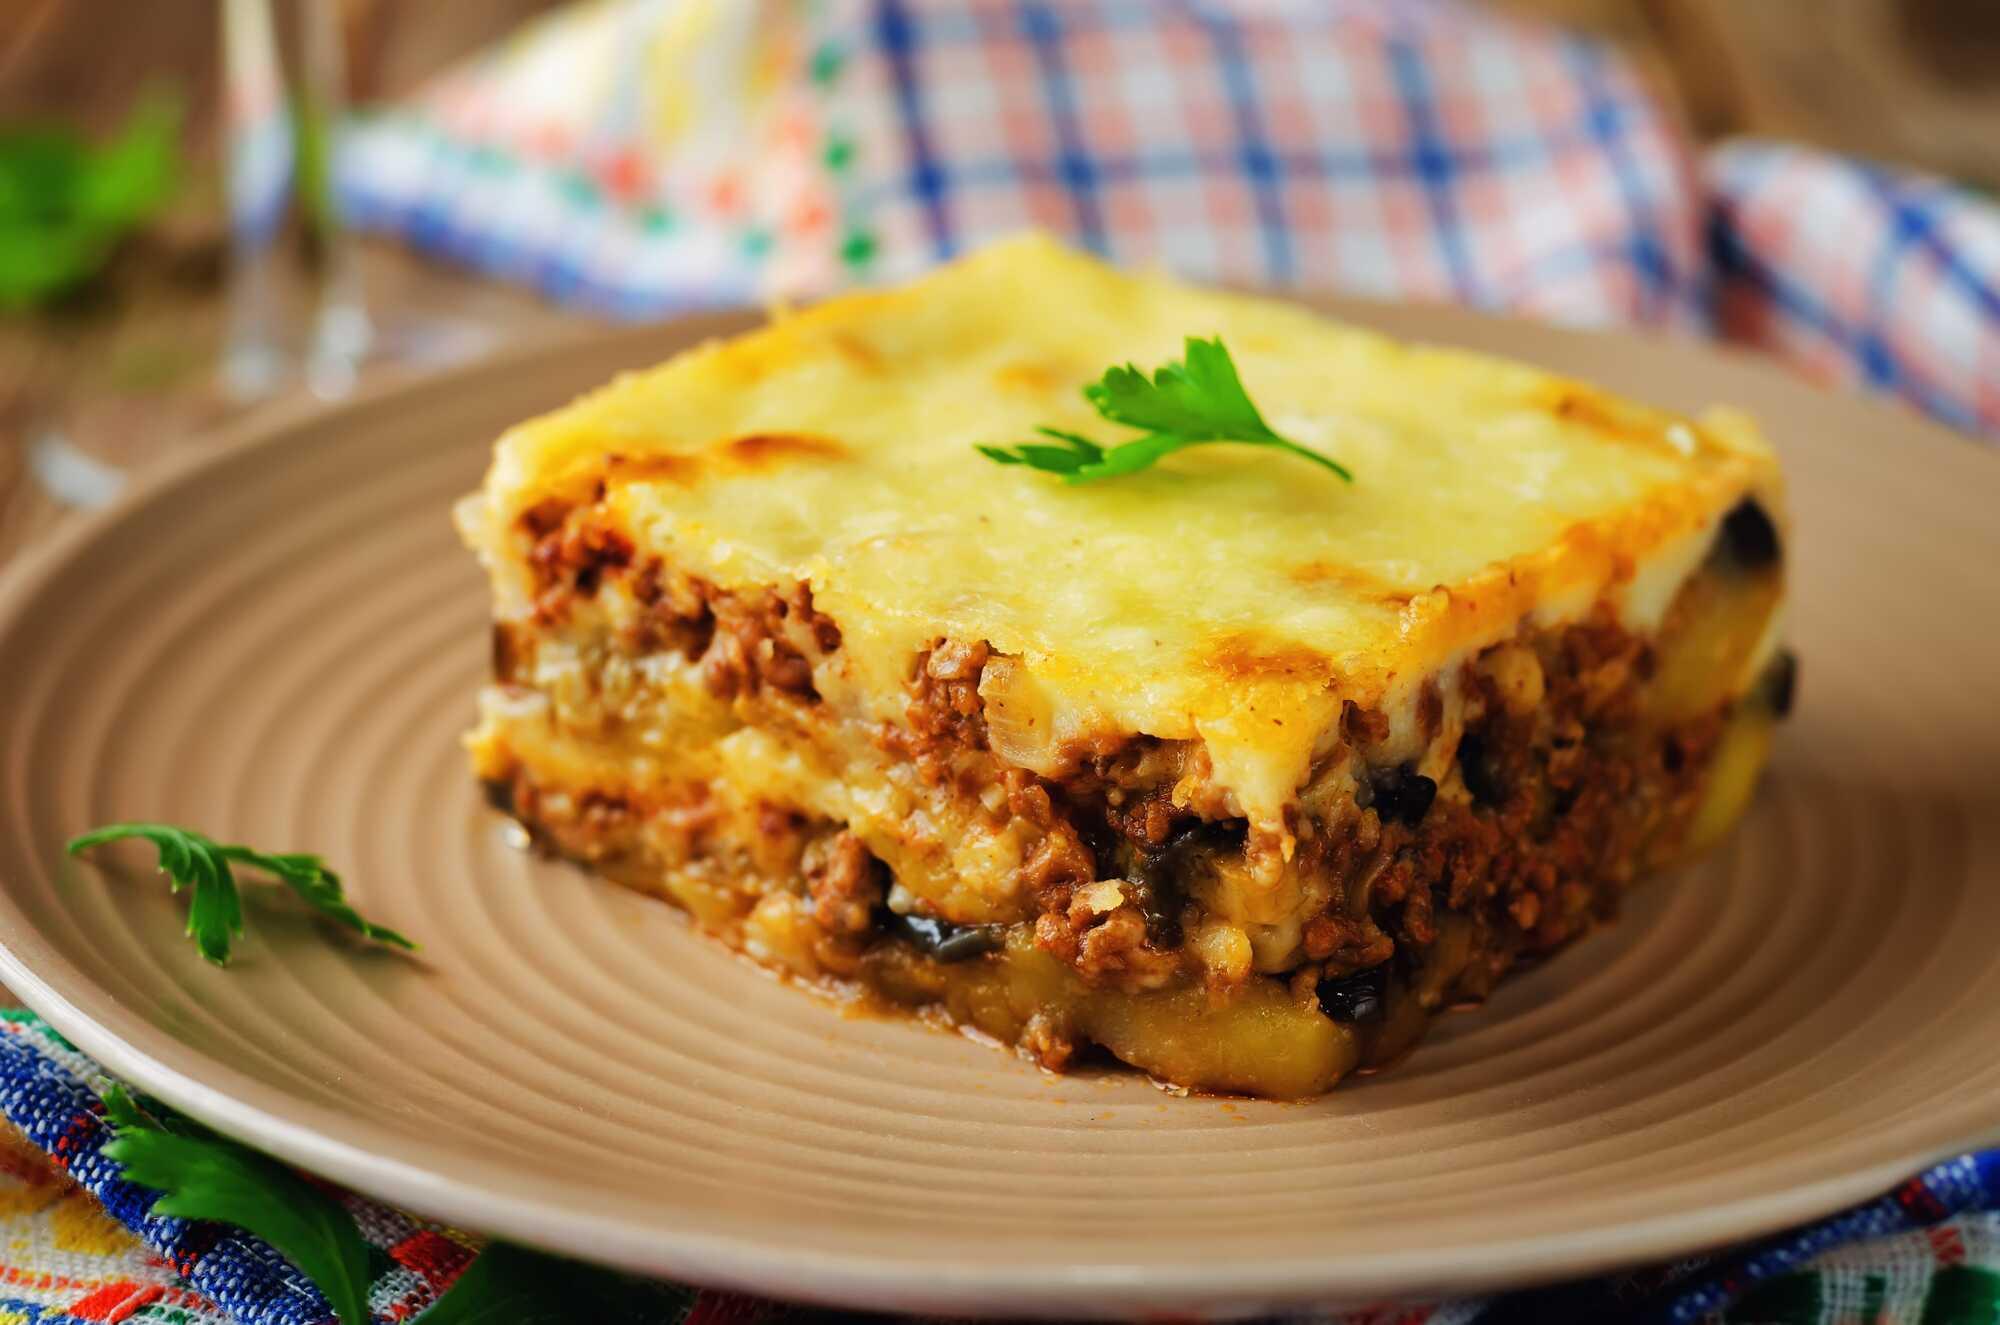 Sur un plat en grès beige, une grosse part de Moussaka avec ses différentes couches et par dessus le fromage gratiné.